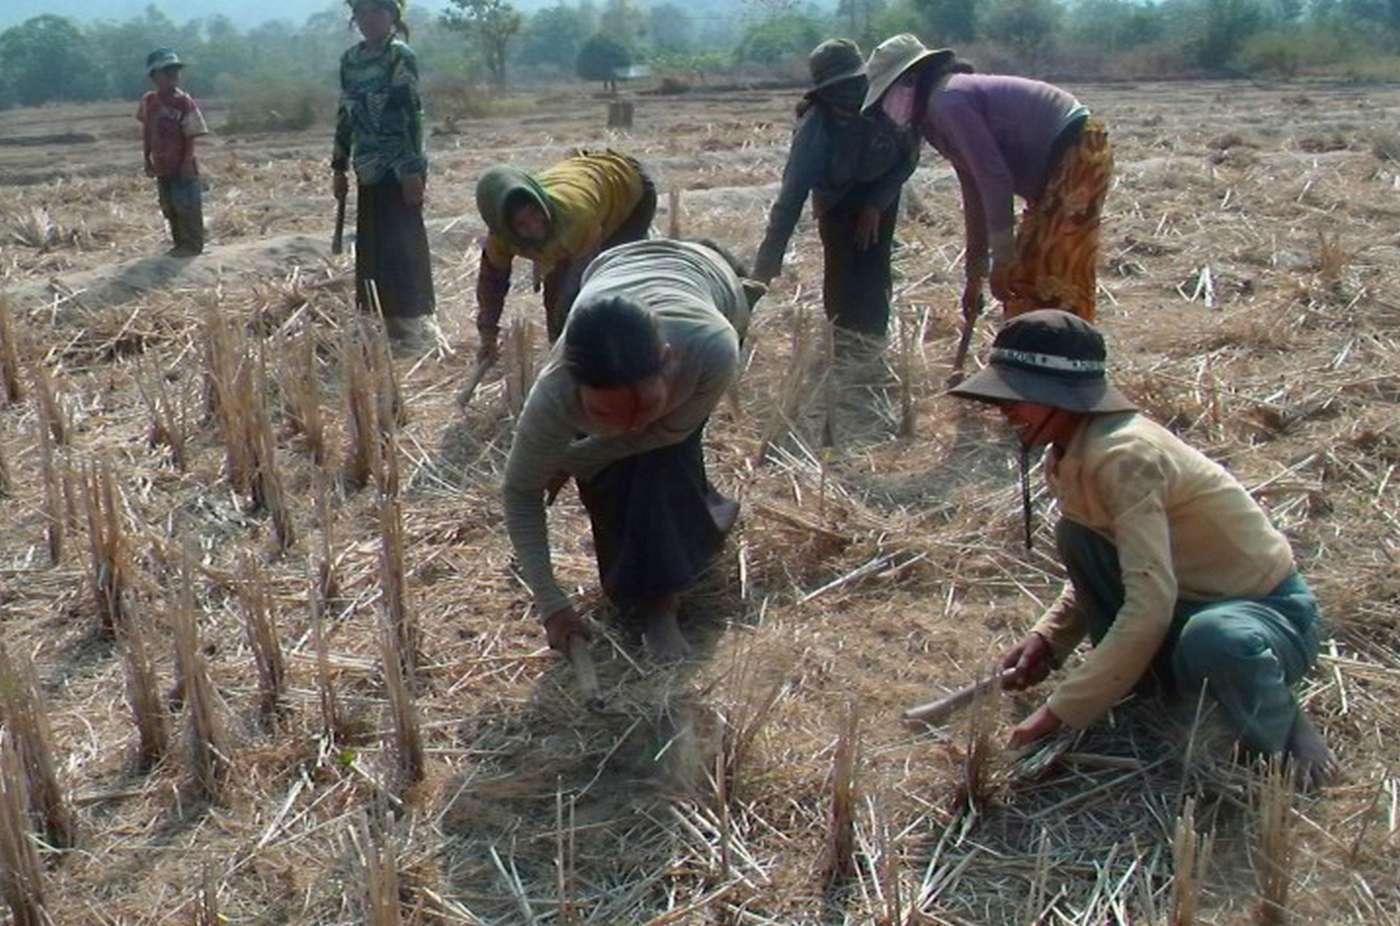 Các hộ dân Xơ Teng vẫn dành cho mình những diện tích trồng lúa rẫy để gìn giữ tính ngưỡng truyền thống